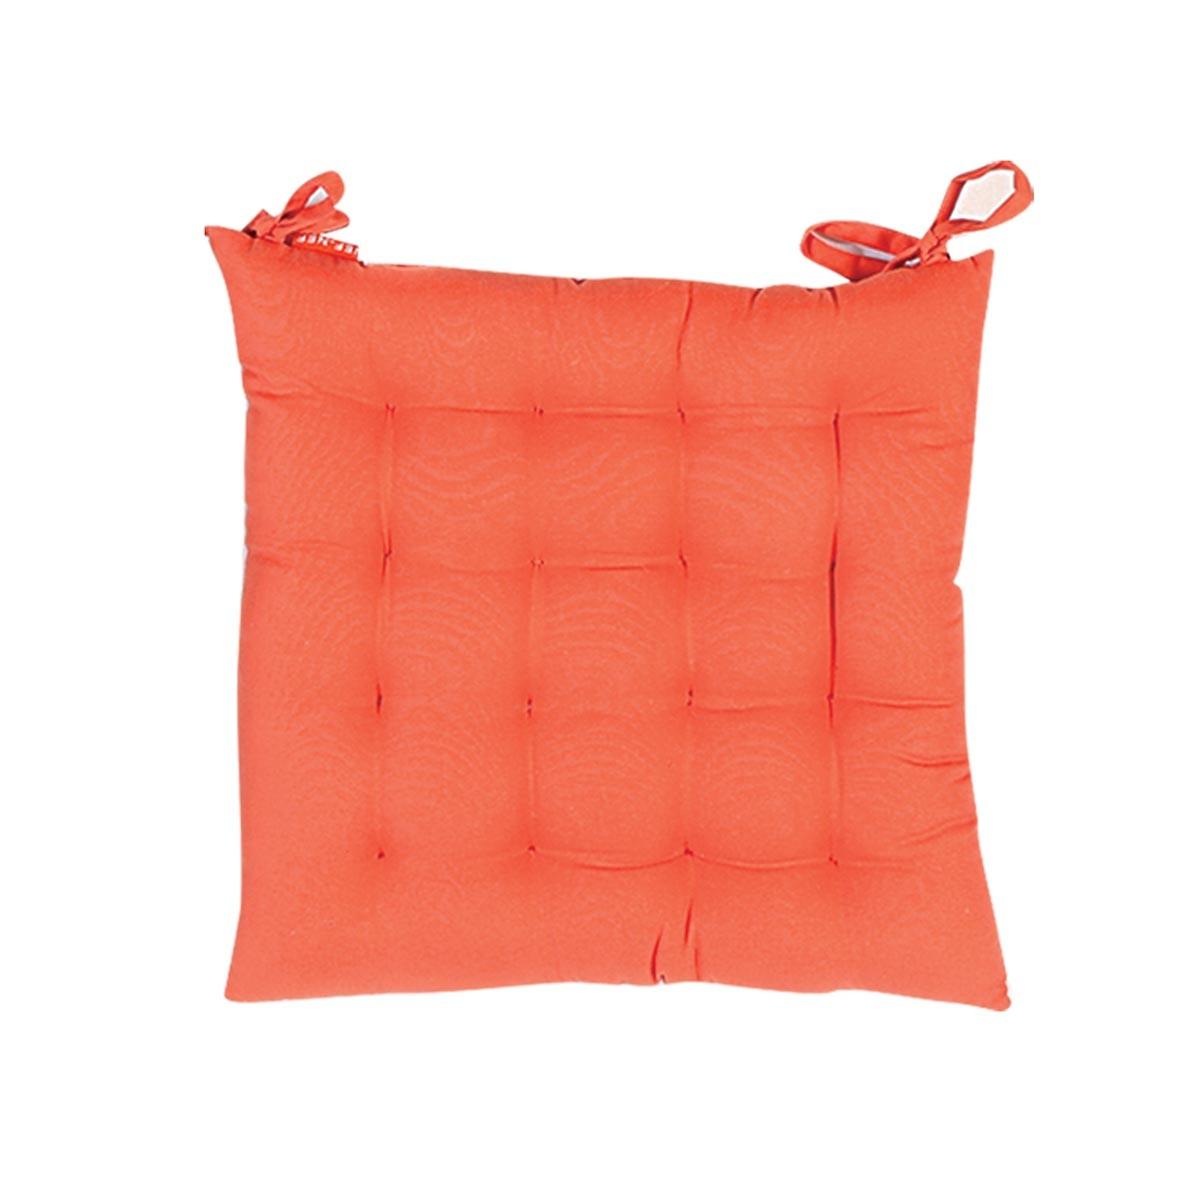 Μαξιλάρι Καρέκλας Nef-Nef Enjoy Coral